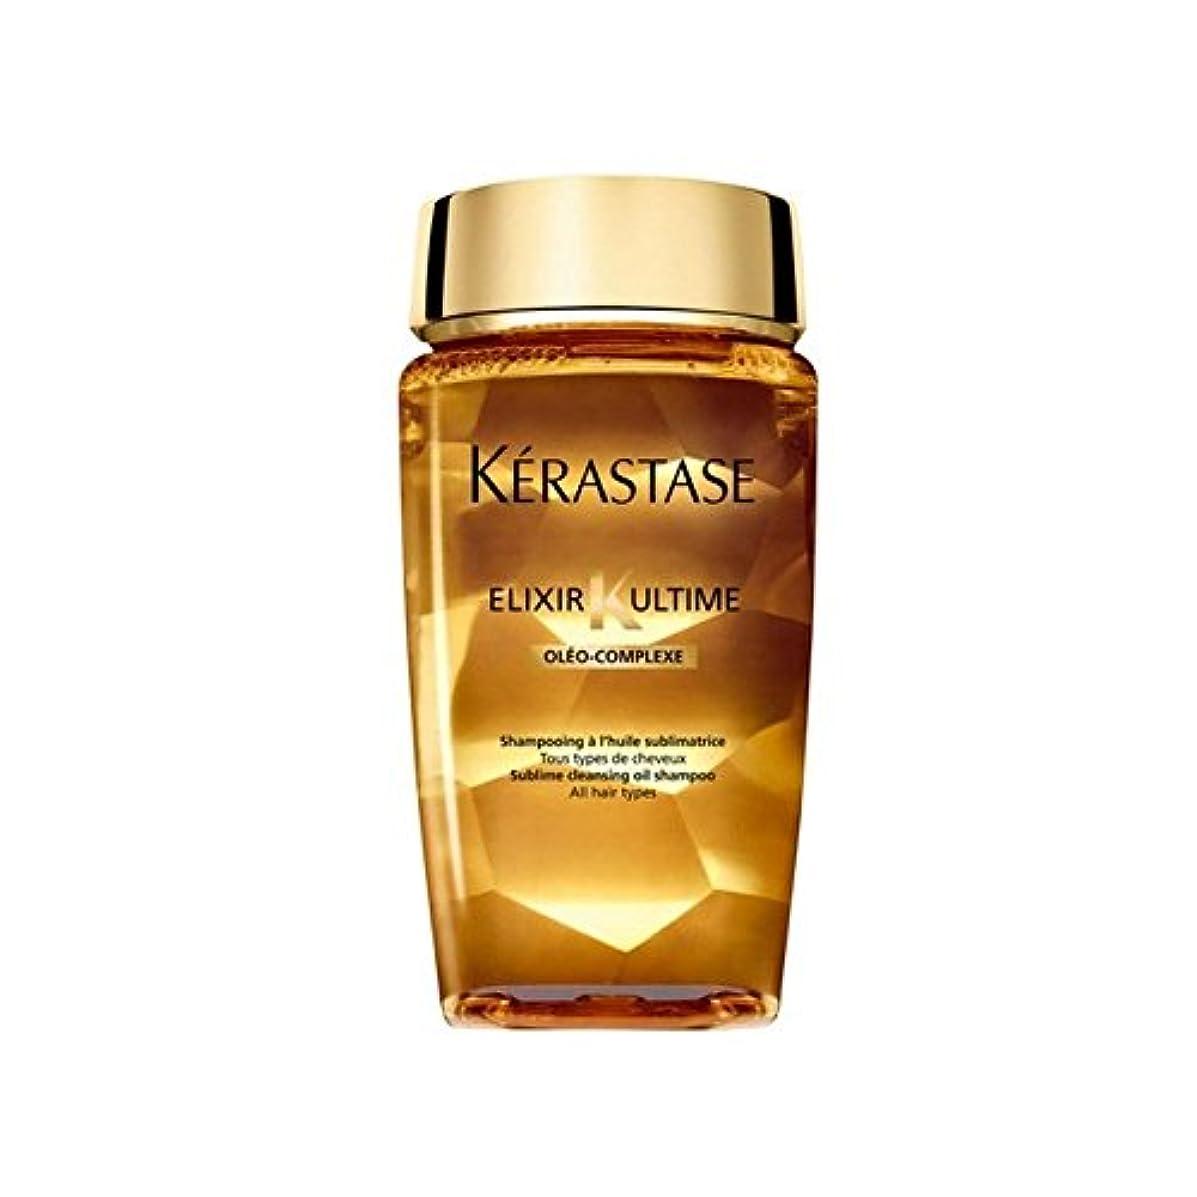 弾丸レジ連想K?rastase Elixir Ultime Huile Lavante Bain (250ml) (Pack of 6) - ケラスターゼエリクサー ラバンテ?ベイン(250ミリリットル) x6 [並行輸入品]